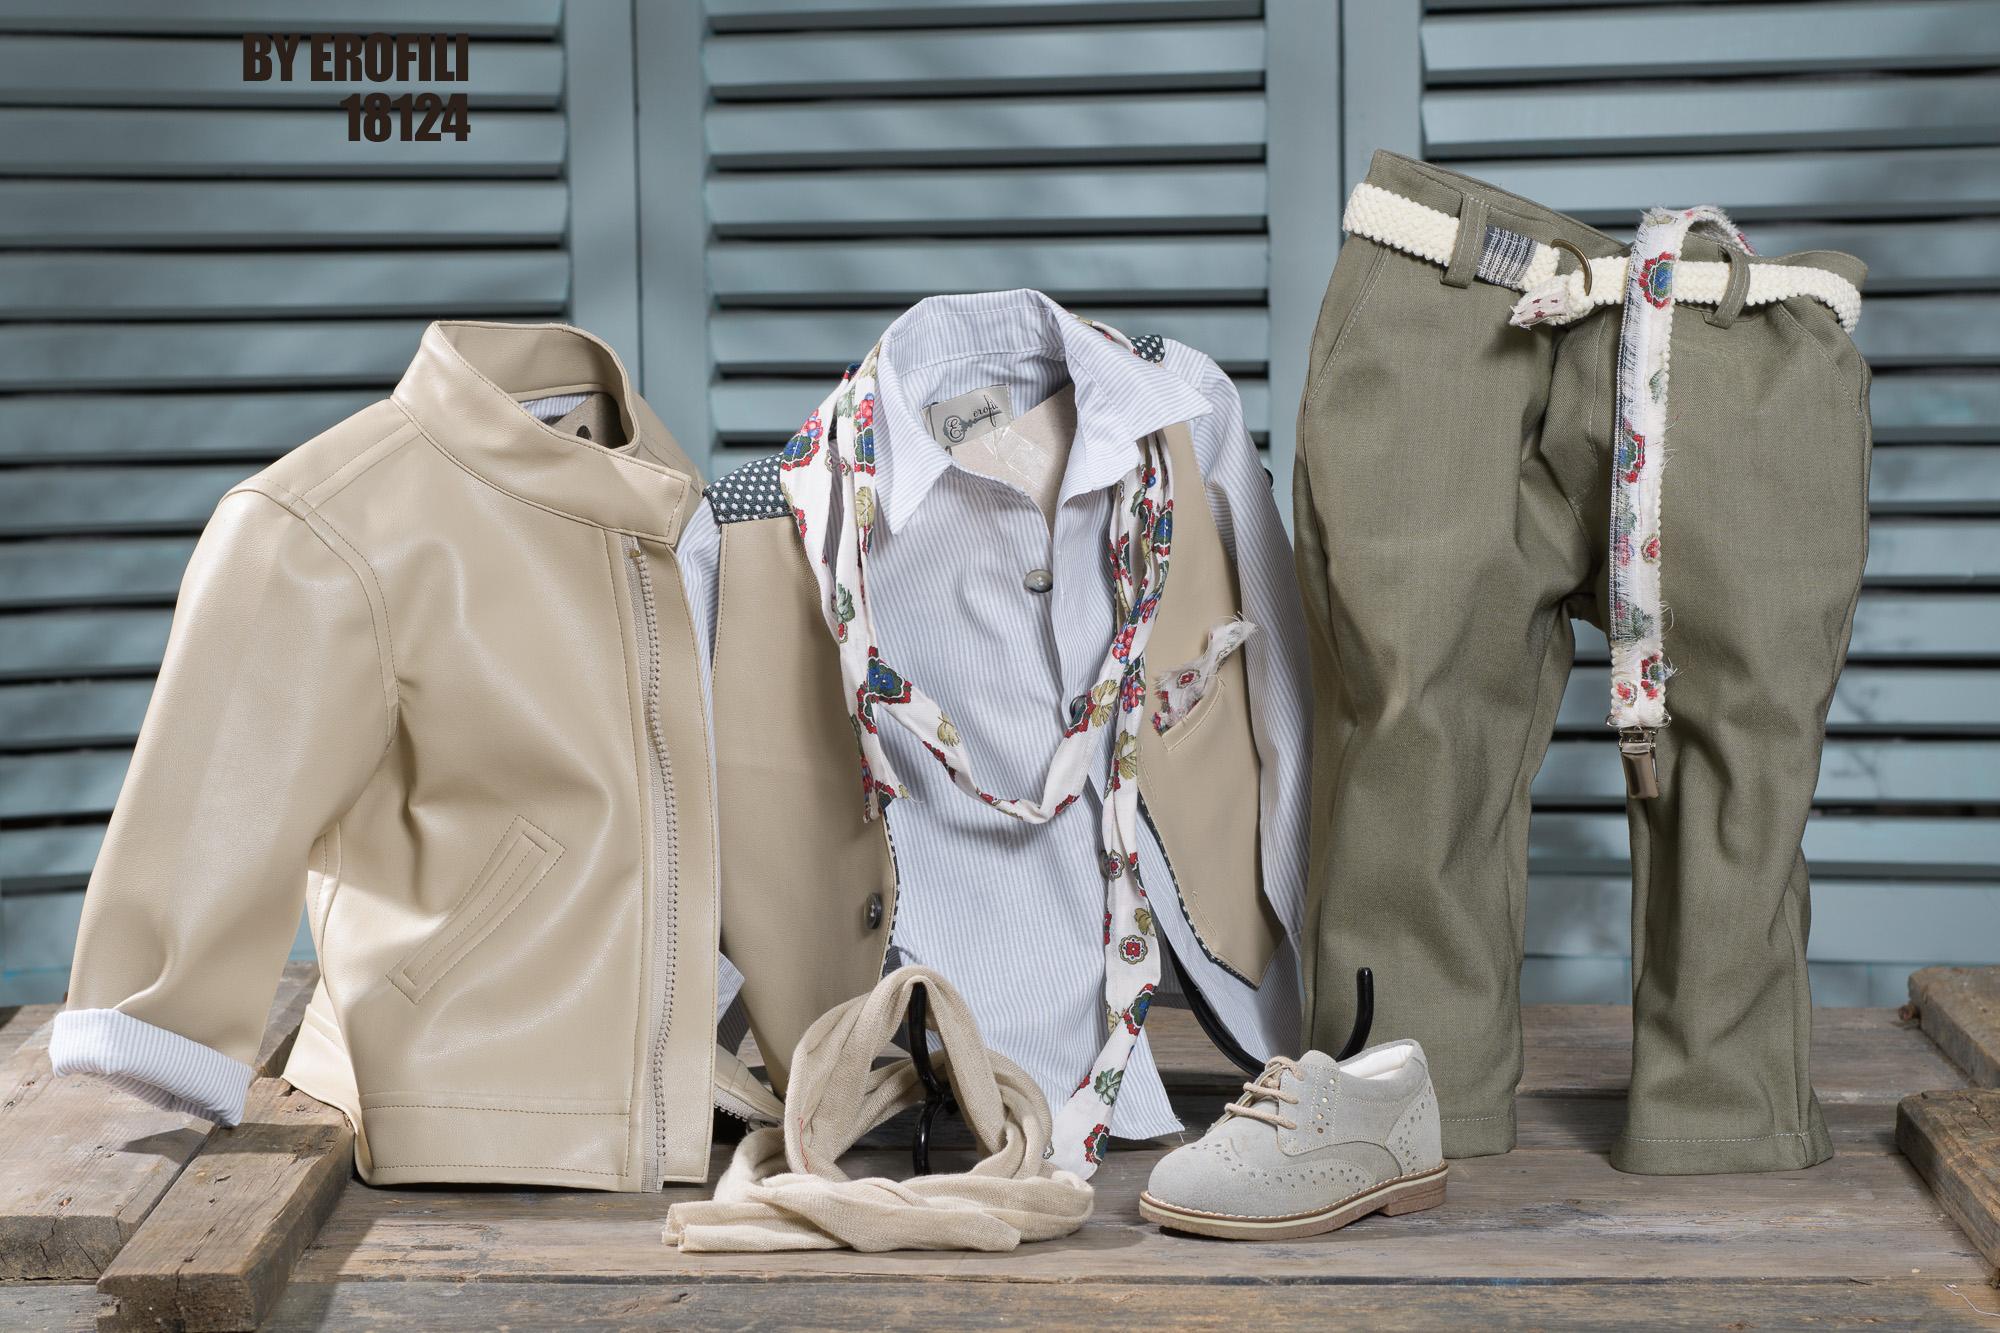 Ένα φίνο σετ σε αποχρώσεις εκρού και λαδί που περιλαμβάνει:Βαμβακερό πουκάμισο με λεπτή ρίγαΦουλάρι αντρικόΔερμάτινο τζάκετΓκιλέκο με διχρωμία (εκρού-πουά)Παντελόνι από λαδί καπαρντίνα με ζώνη ή τιράντεςΠαπούτσι σουέντ χειροποίητο με κορδόνιαΓια τους μικρούς ήρωες που δεν φοβούνται να ανέβουν ως τα σύννεφα!Τιμή: 200 Ε + 65 E παπουτσάκια + 50 Ε τζάκετ